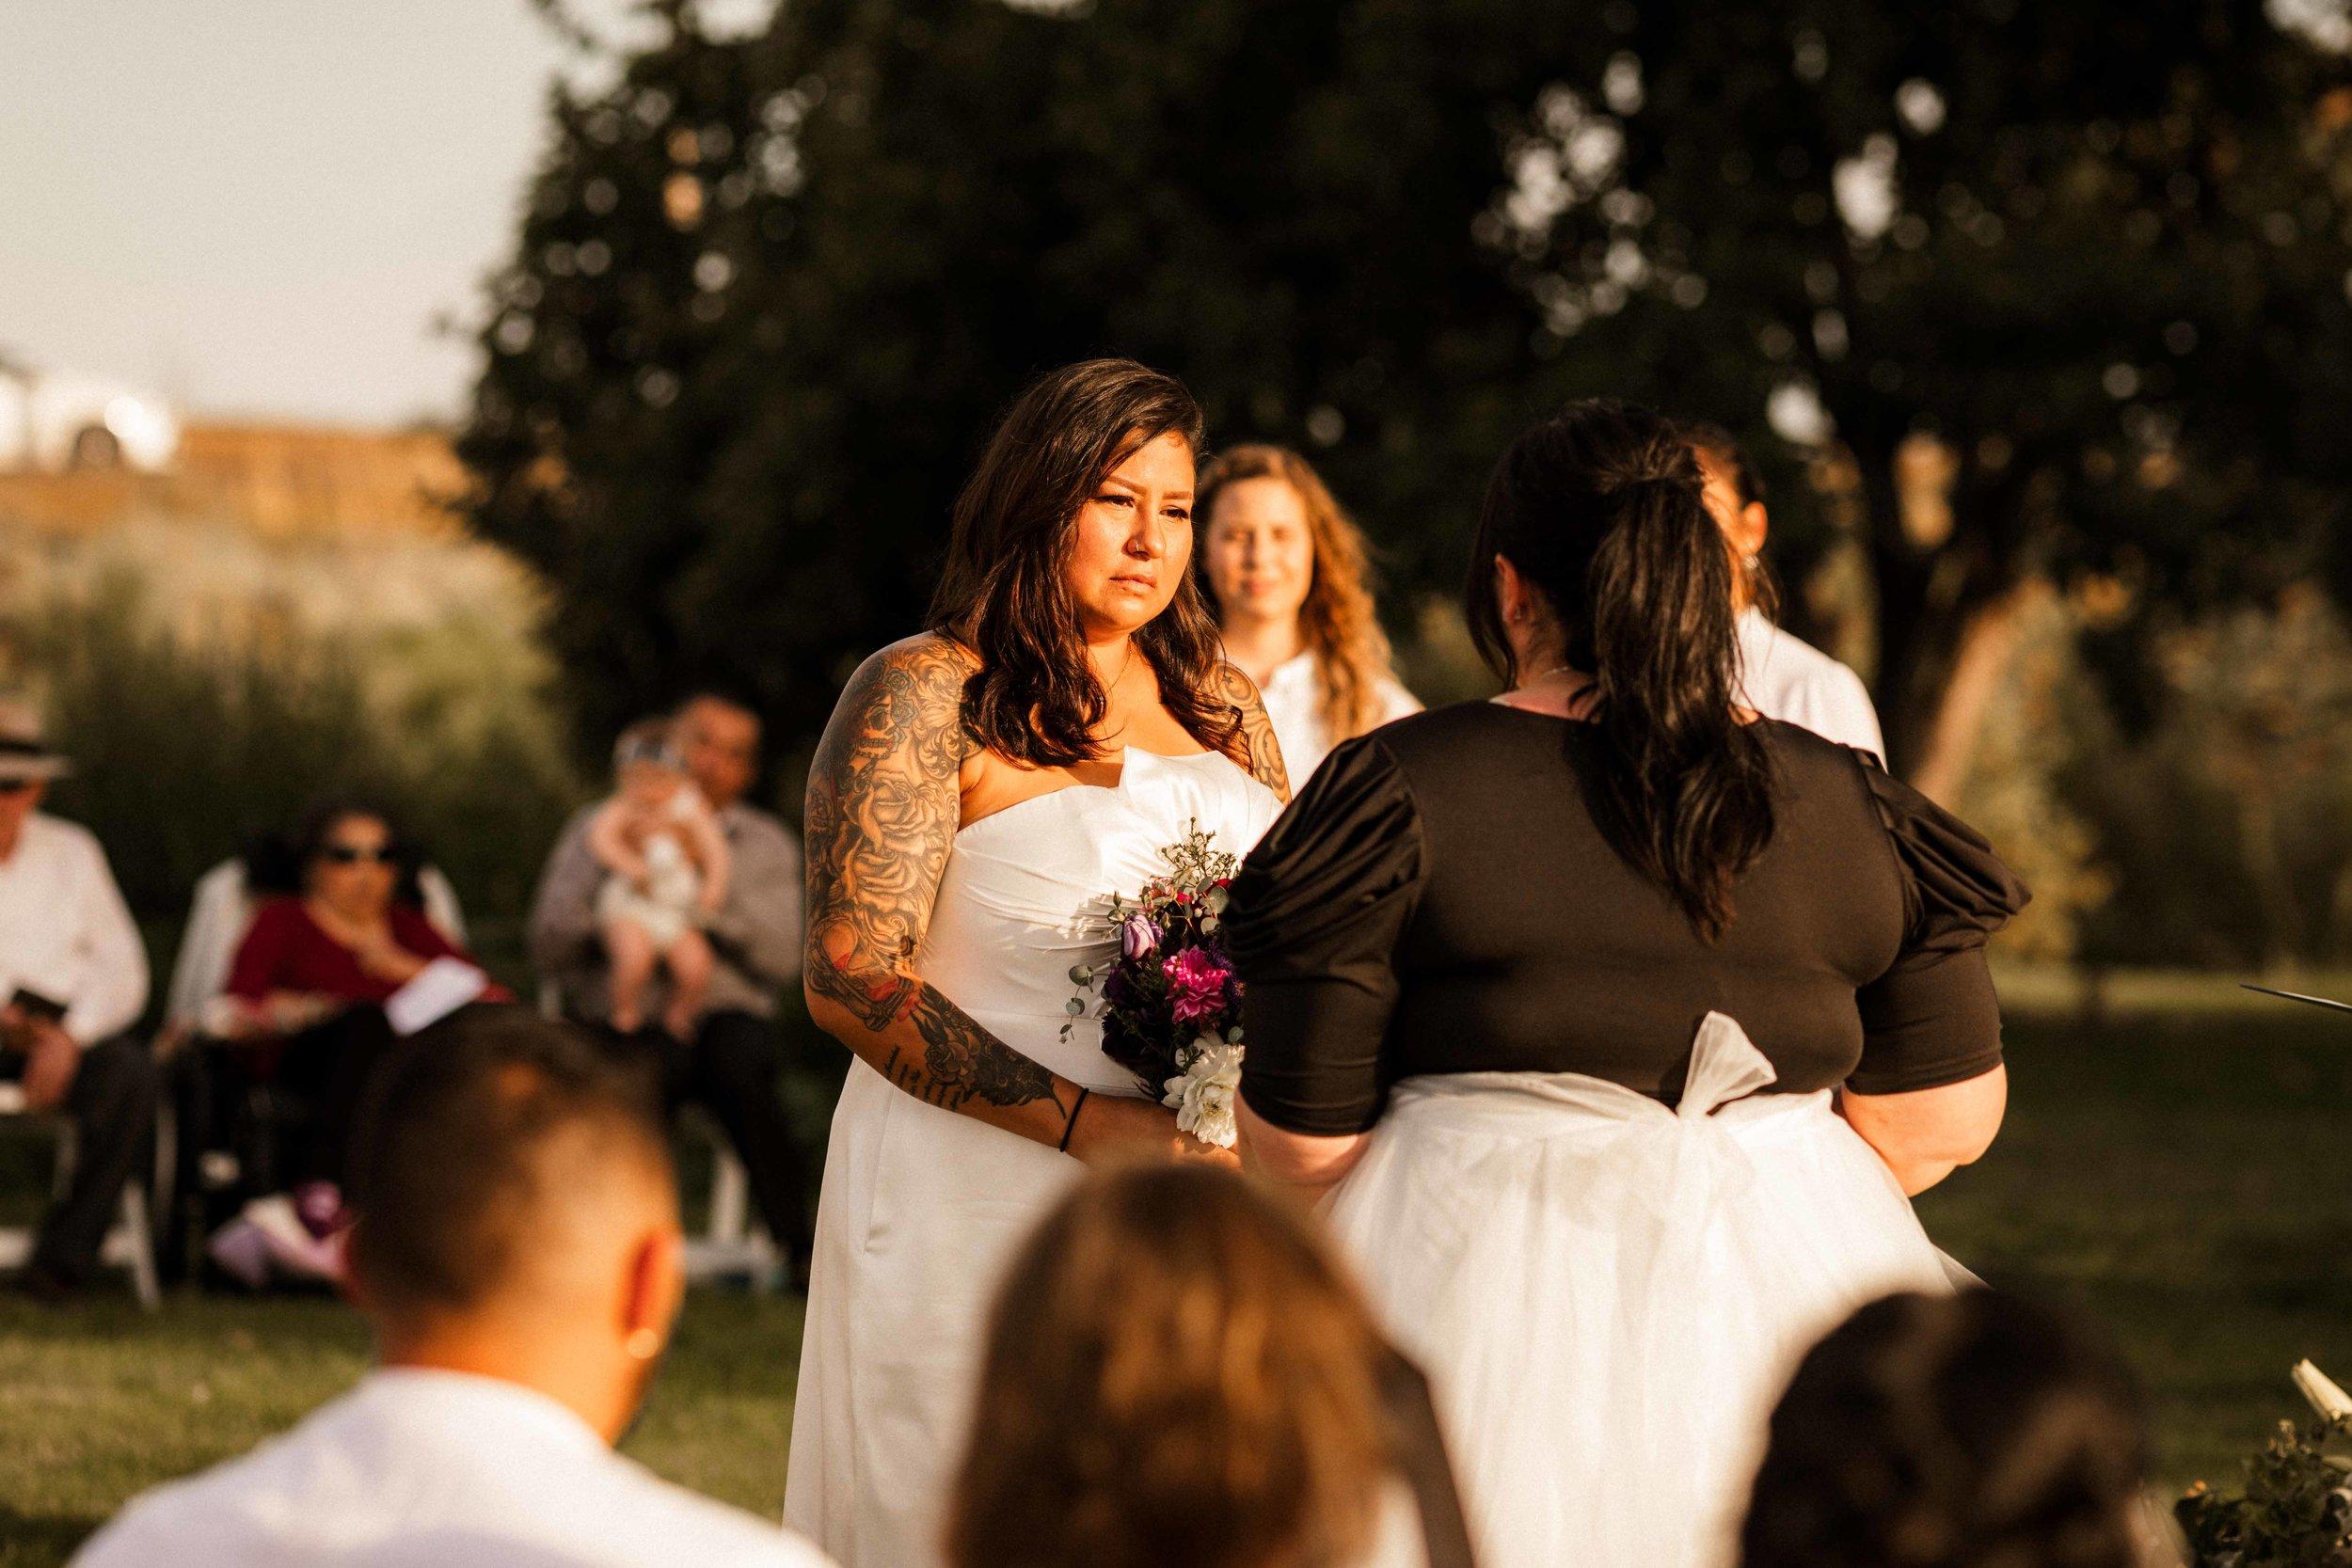 pasco-wedding-photos-18.jpg